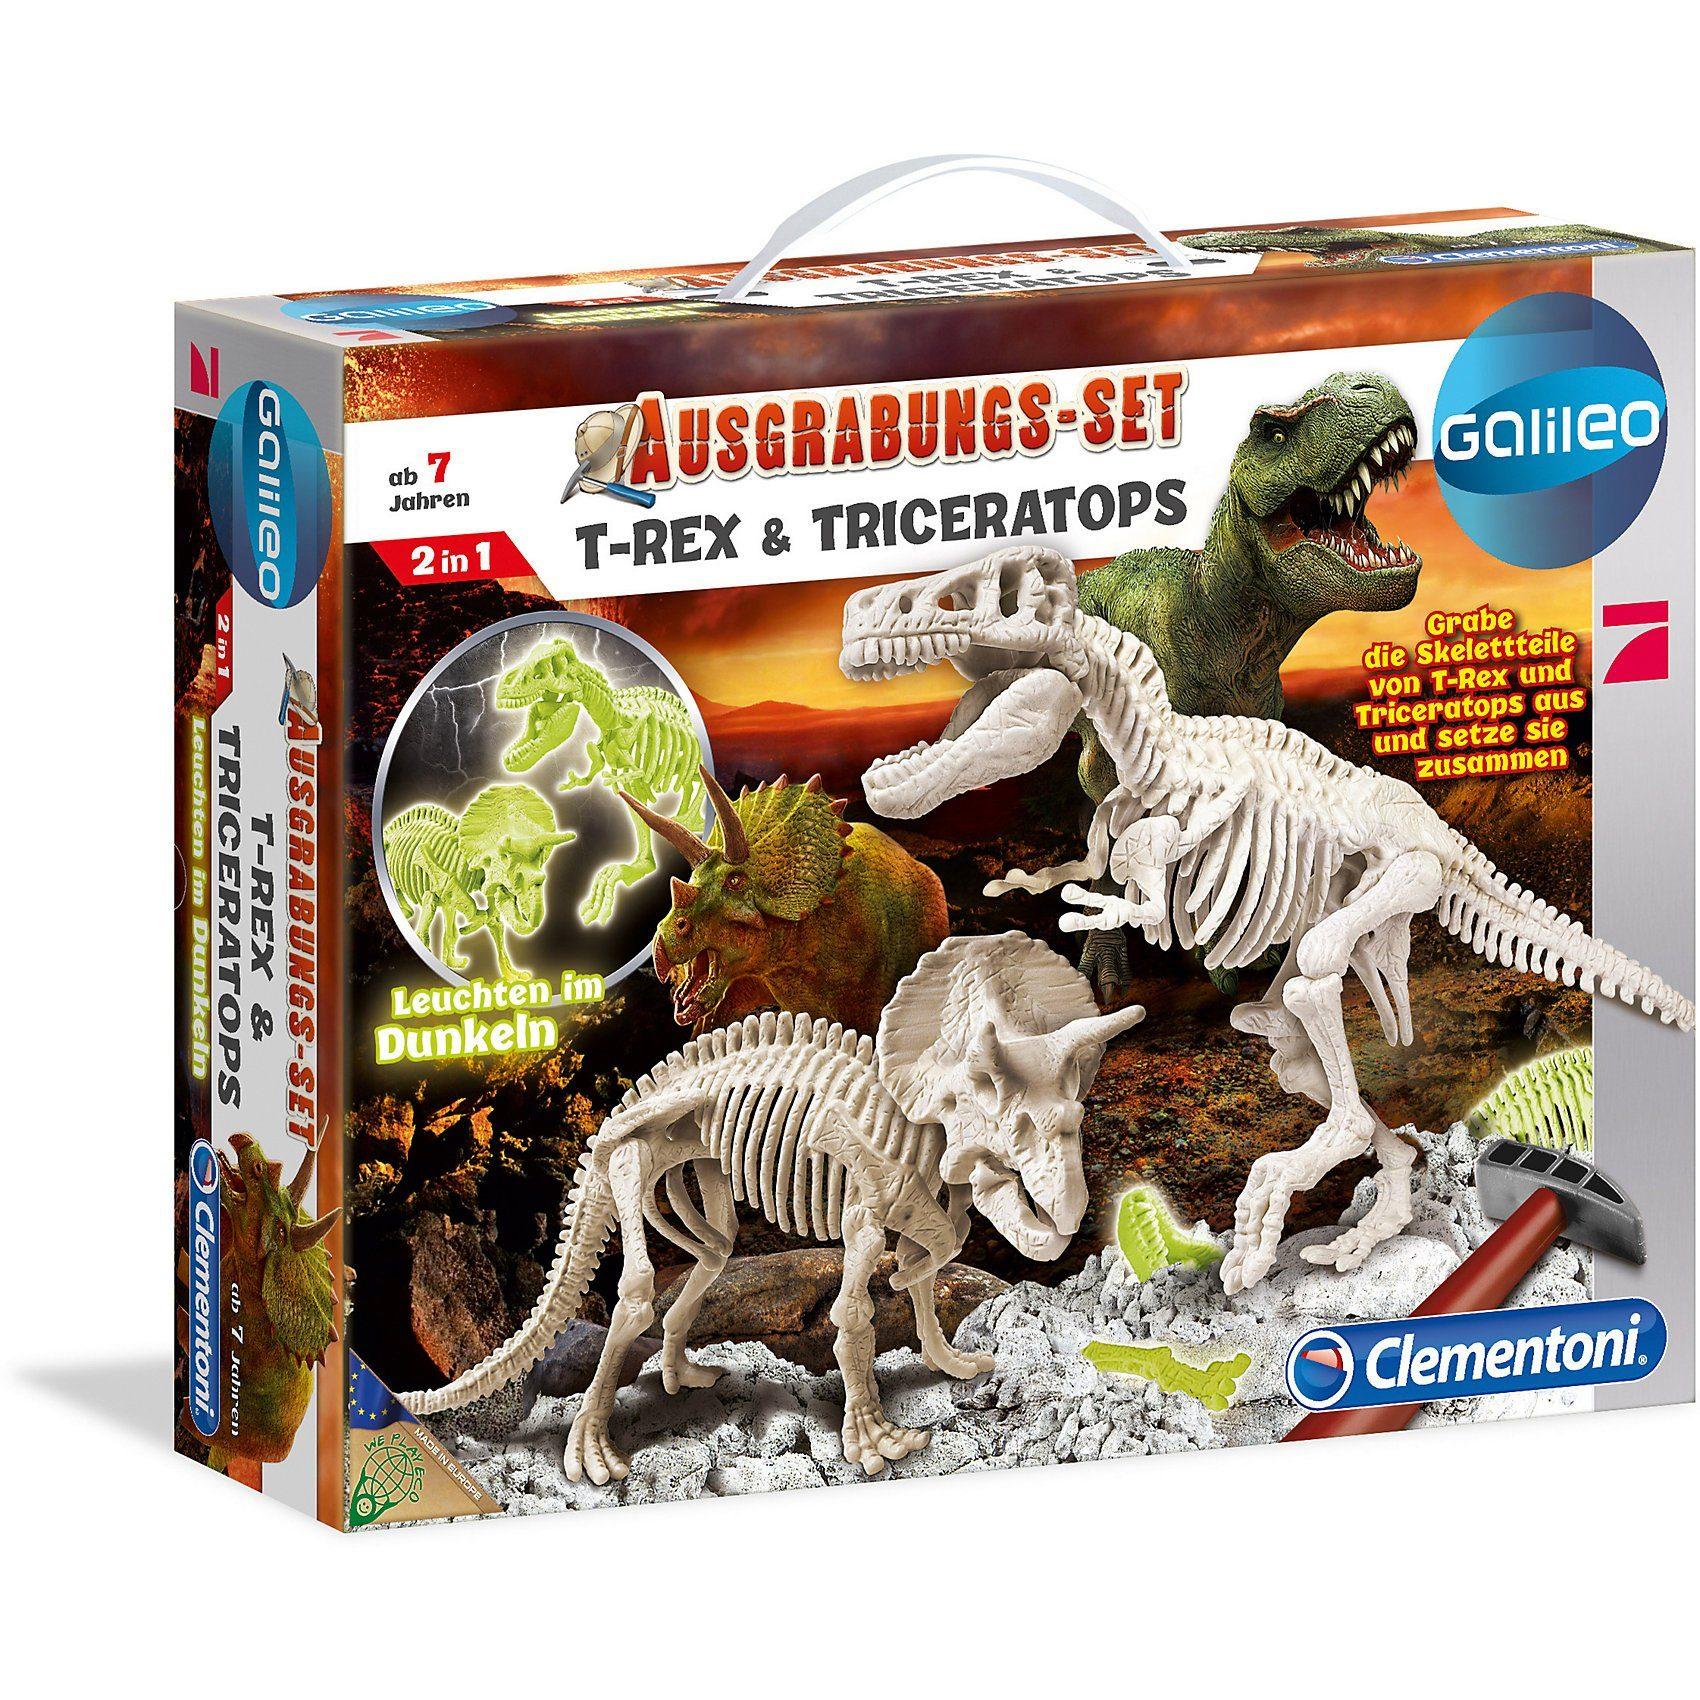 Clementoni Galileo - Ausgrabungs-Set T-Rex & Triceratops